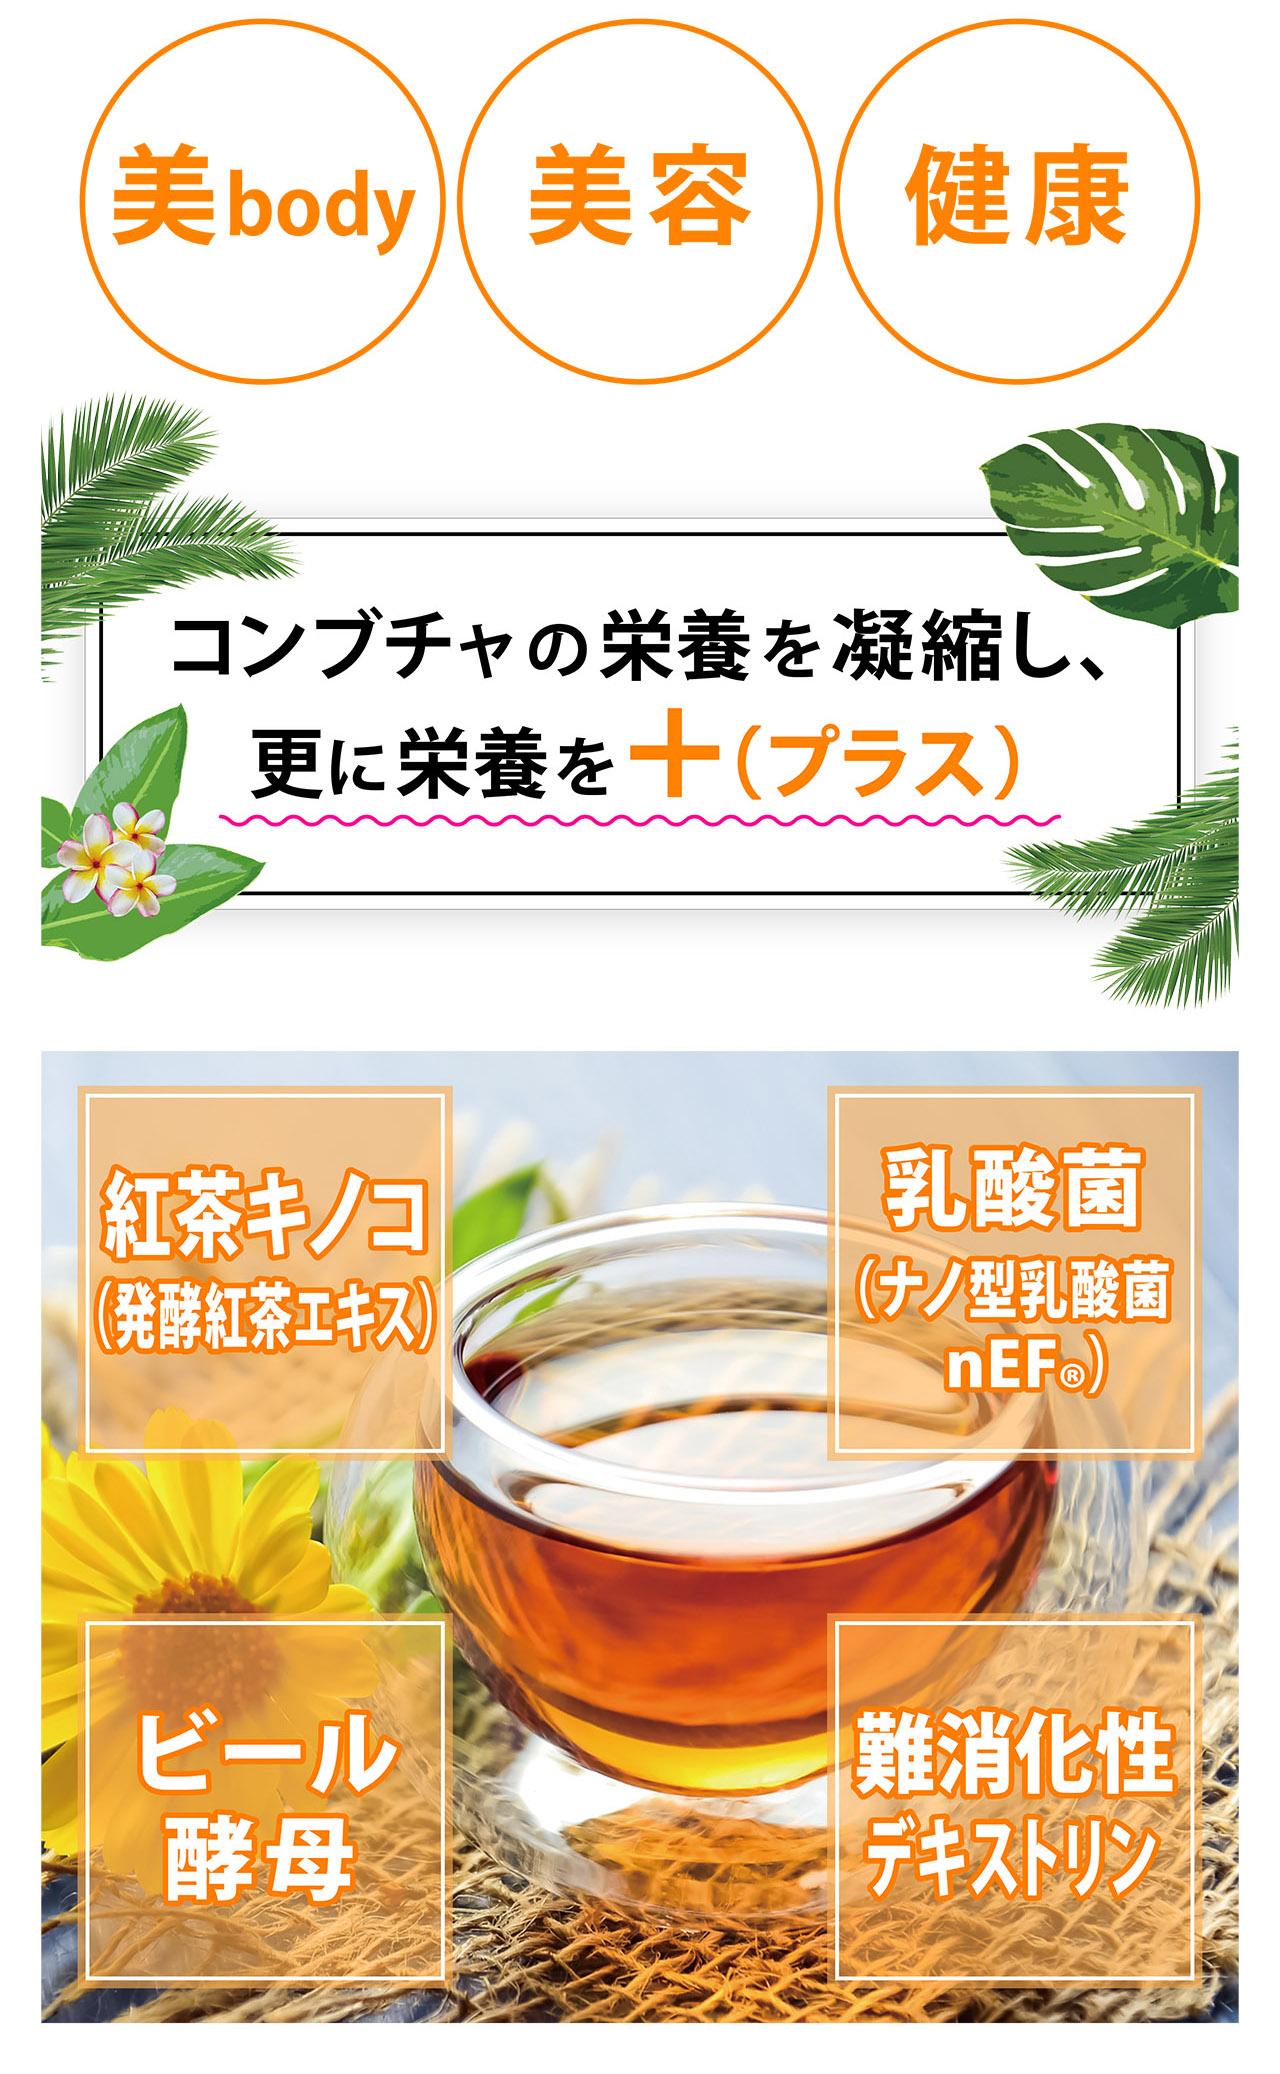 美body 美容 健康 コンブチャの栄養を凝縮し、 更に栄養を +(プラス) 紅茶キノコ (発酵紅茶エキス) 乳酸菌 (ナノ型乳酸菌 nEF®) ビール酵母 難消化性デキストリン